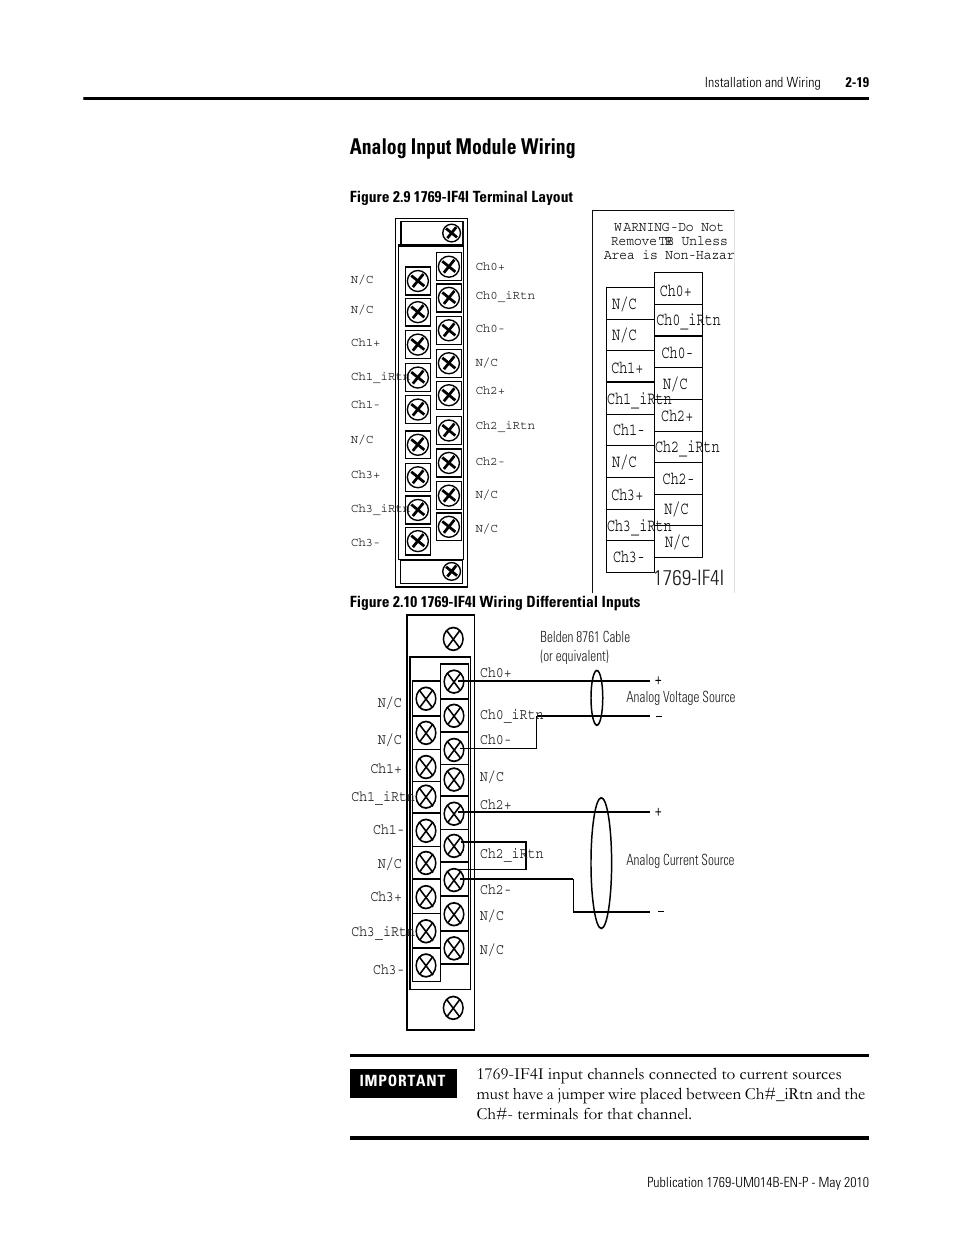 Analog Input Module Wiring  Analog Input Module Wiring